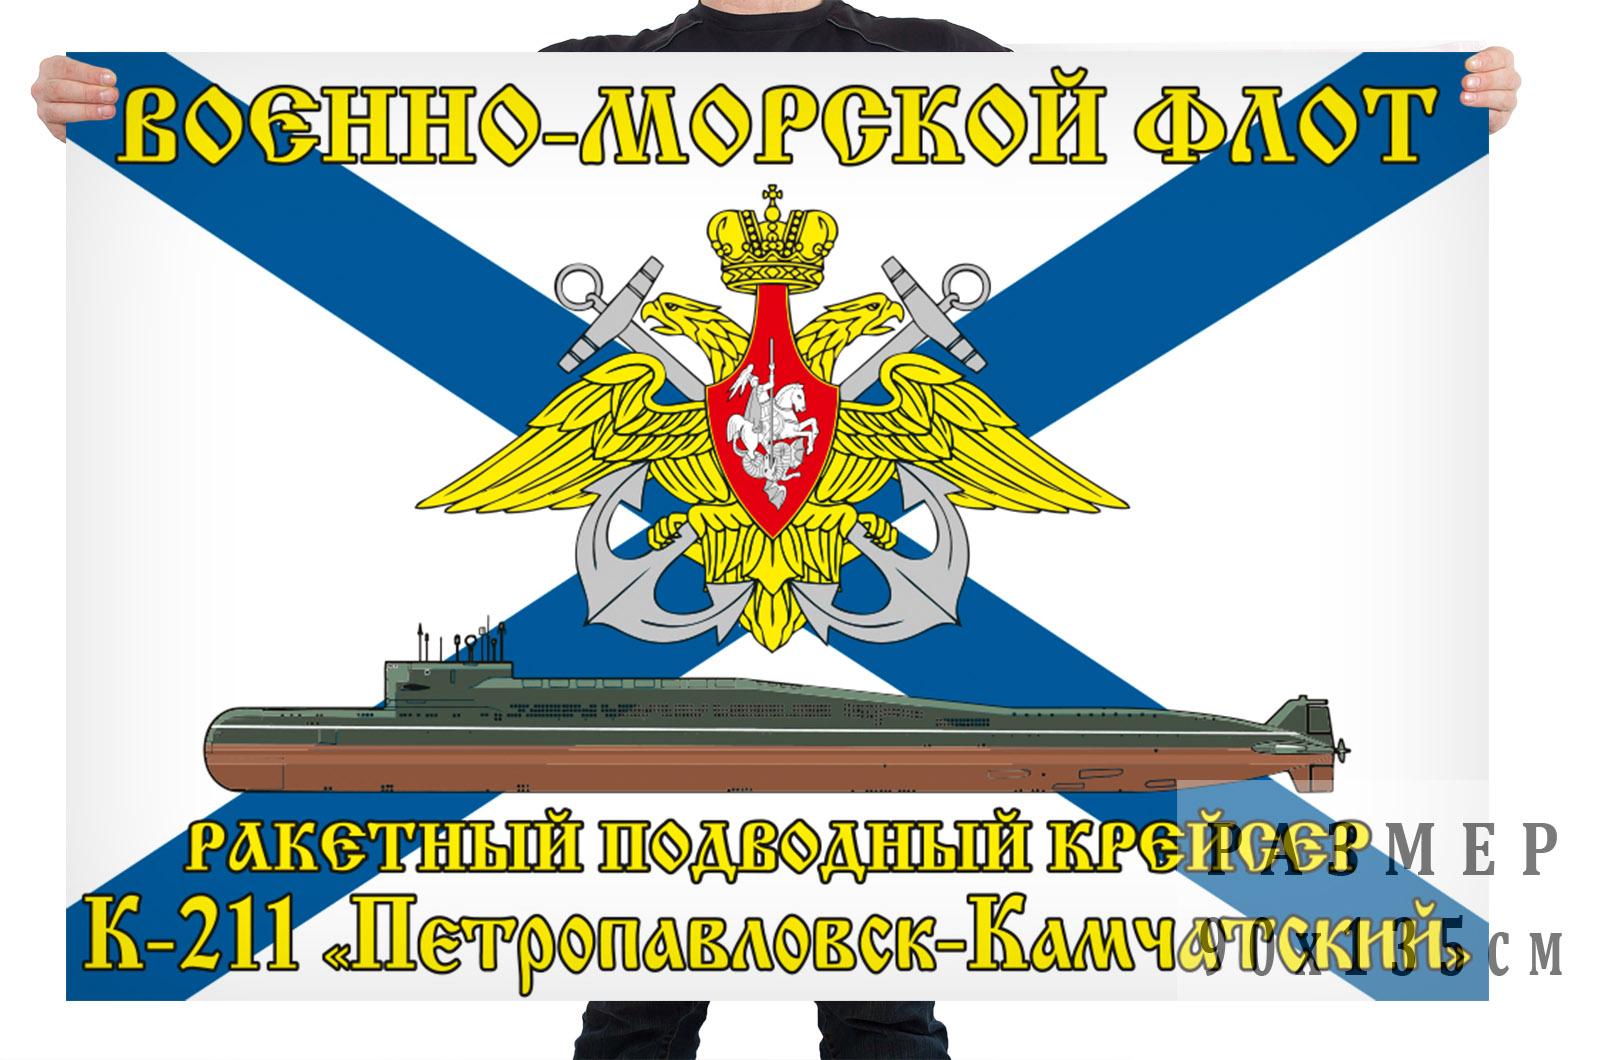 Флаг ракетного подводного крейсера К 211 Петропавловск Камчатский